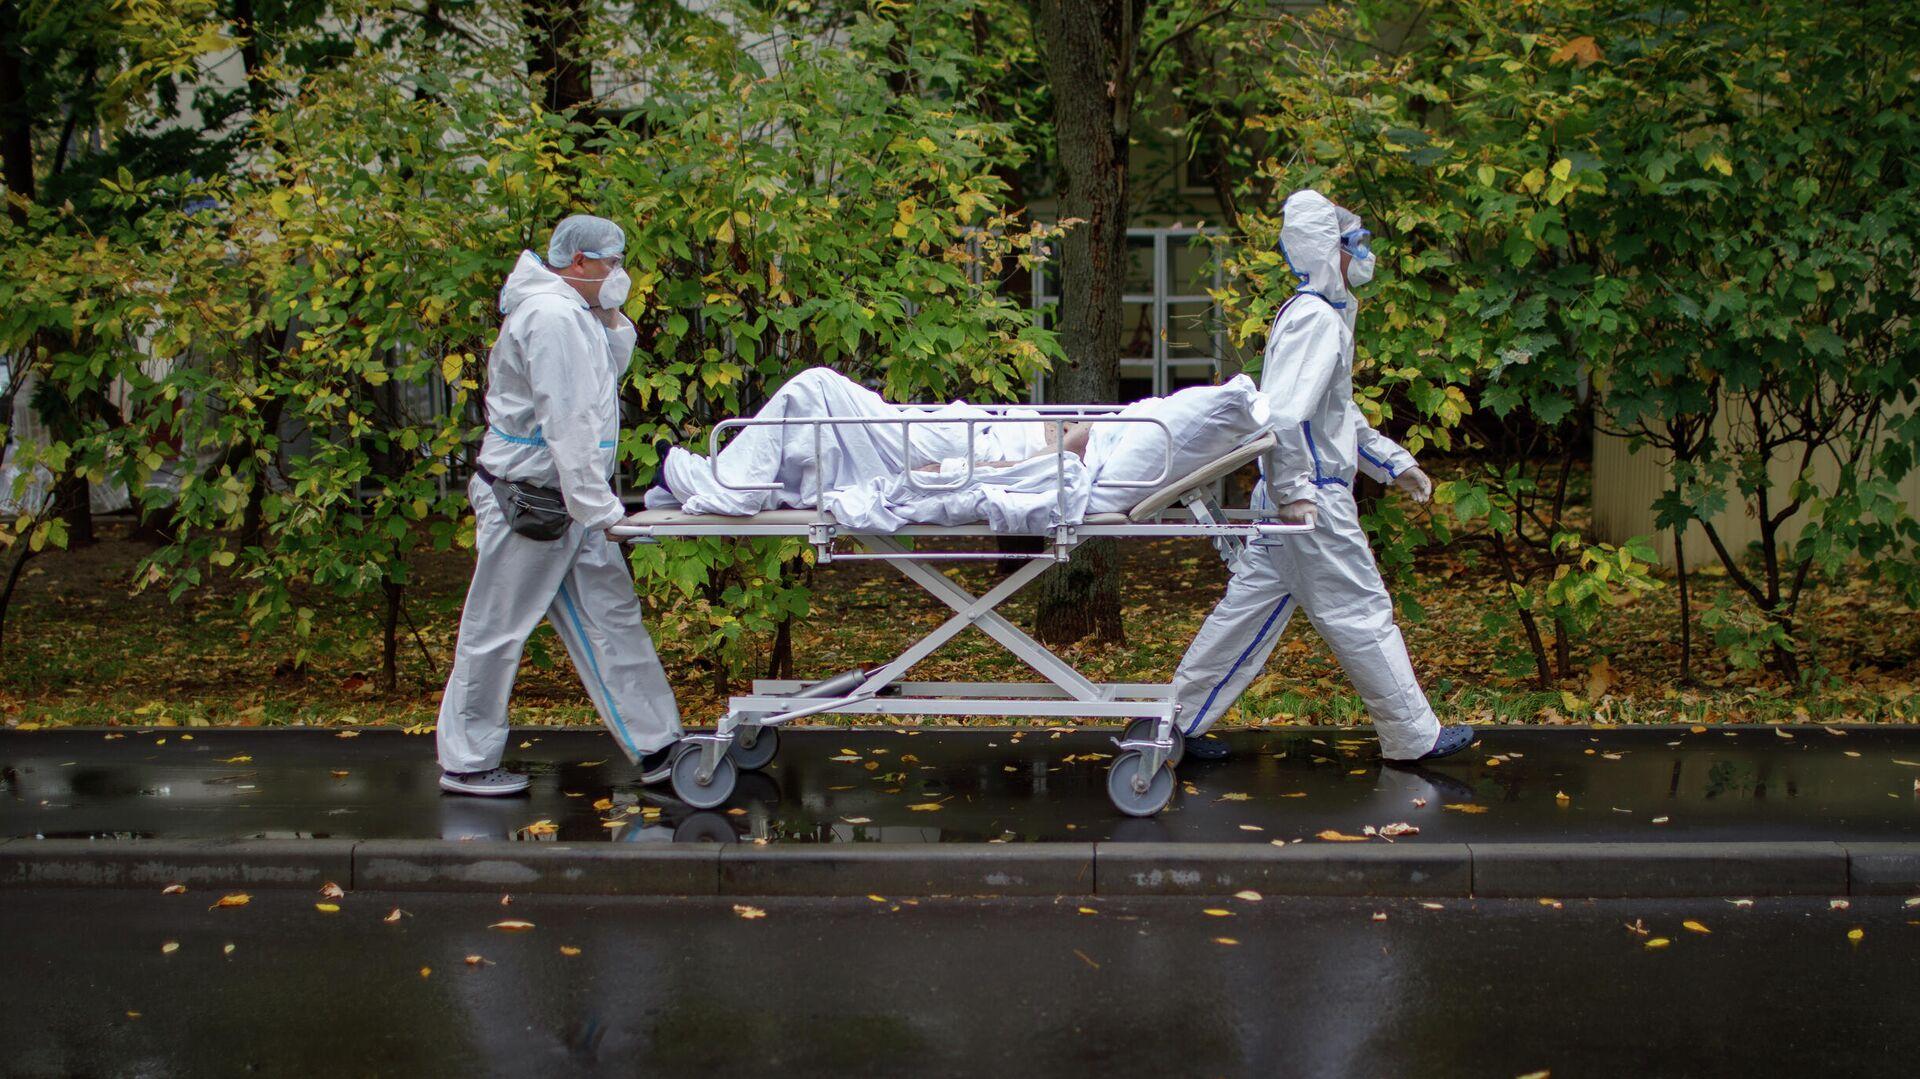 Медицинские работники оказывают помощь пациенту с COVID-19 в городской клинической больнице № 52 - РИА Новости, 1920, 13.10.2020